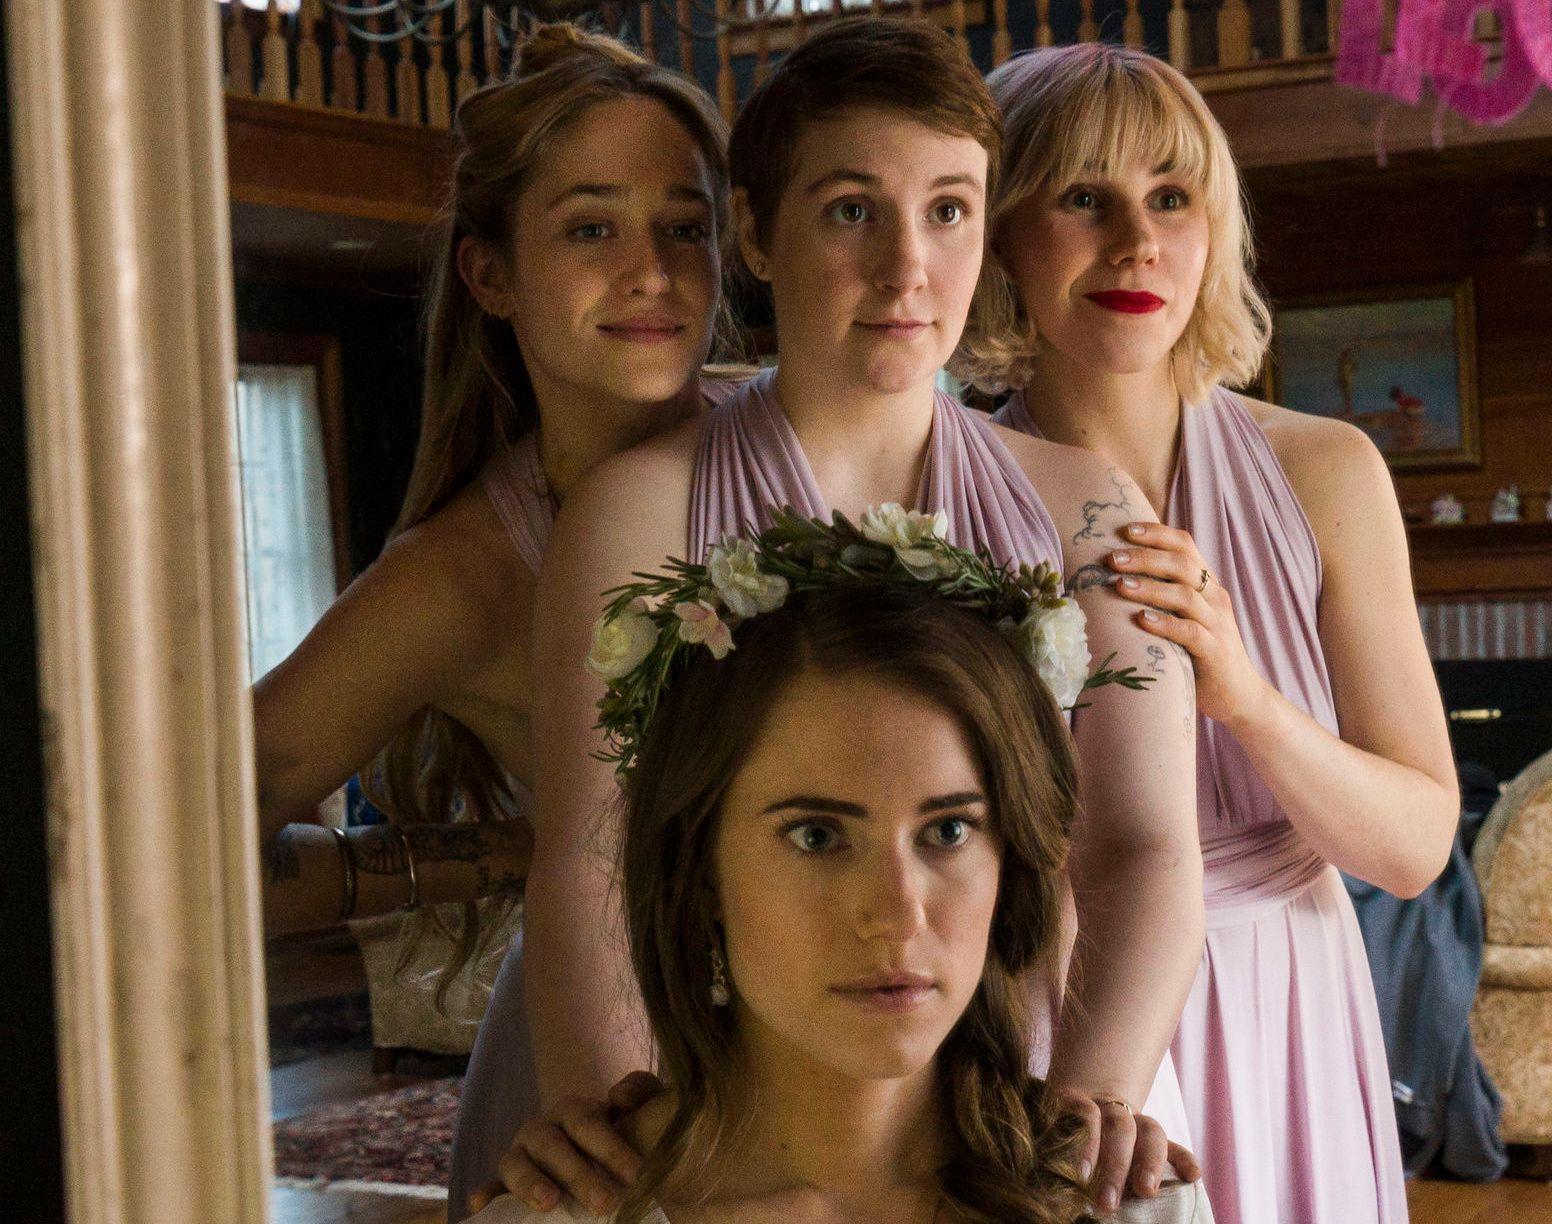 FORVIKLINGER: Lena Dunham som Hannah bak Allison Williams som Marnie, flankert av Jemina Kirke som Jessa og Zosia Mamet som Shoshanna.